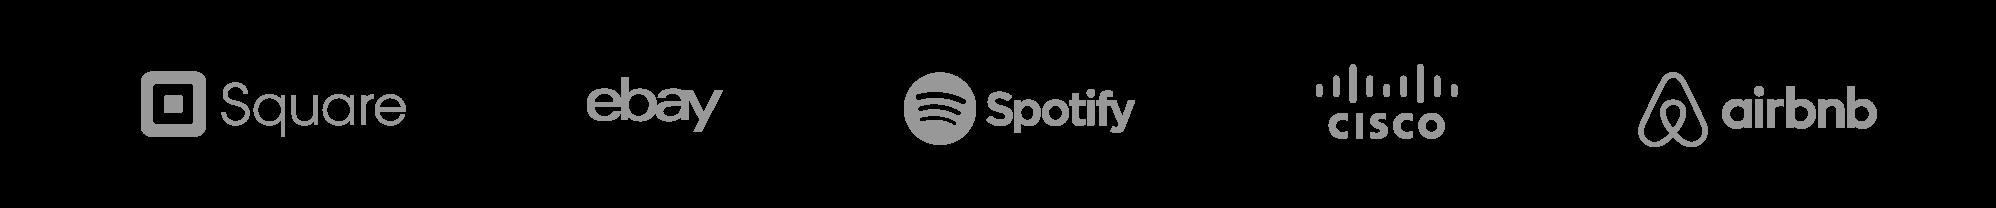 Клиенты JIRA: Square, Ebay, Spotify, Cisco, Airbnb